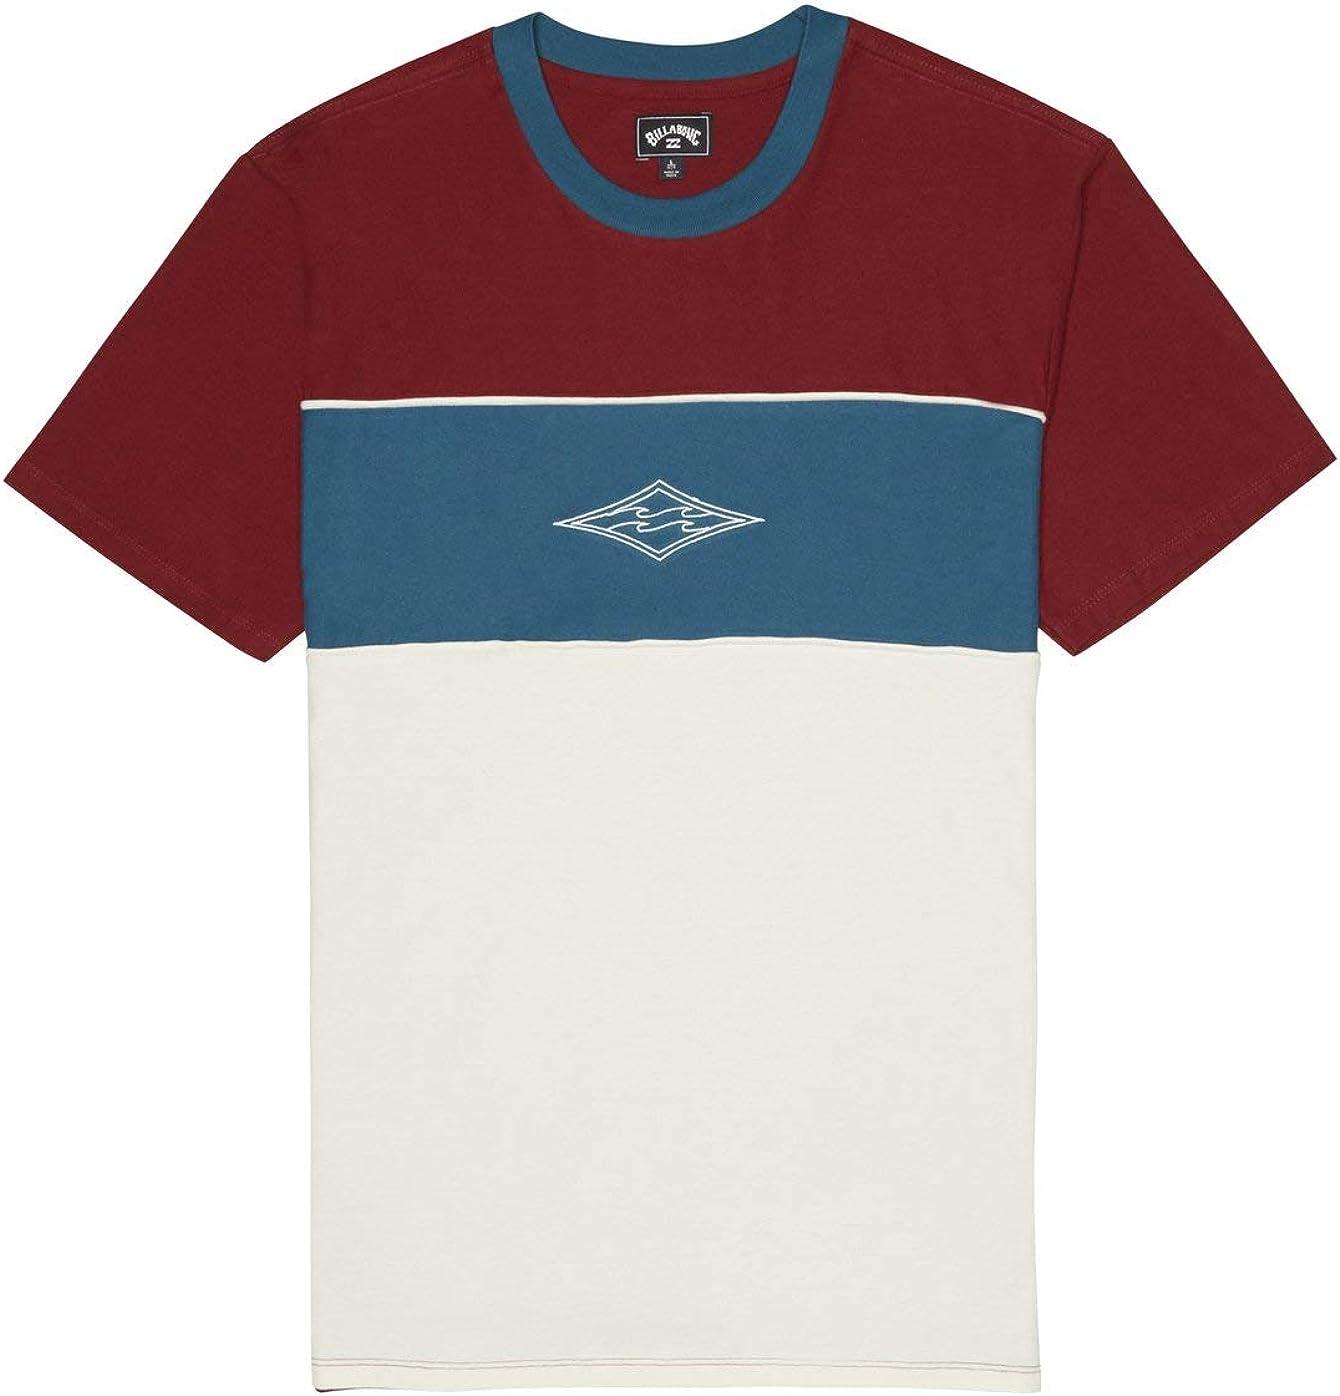 BILLABONG™ - Camiseta - Hombre - XXL - Rojo: Amazon.es: Ropa y accesorios